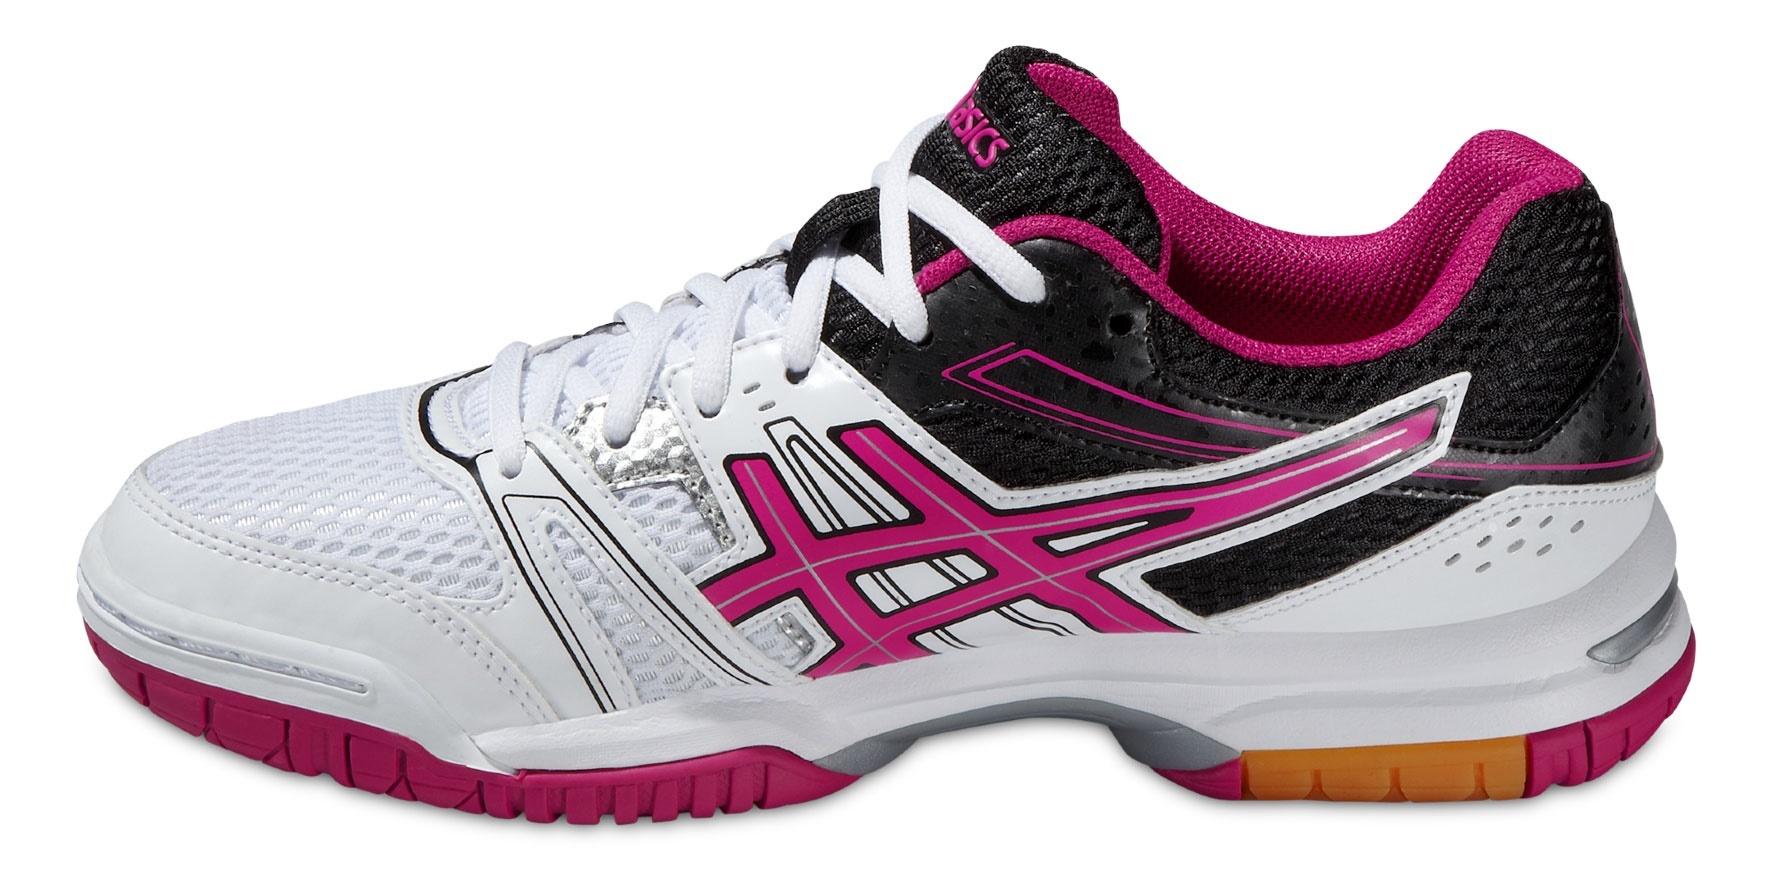 Женская обувь для волейбола Asics Gel-Rocket 7 (B455N 0125) фото